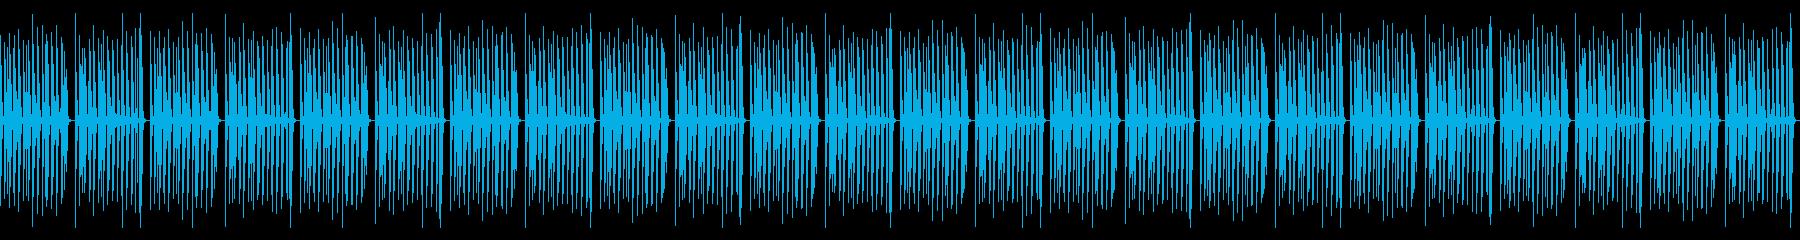 明るくおバカで気の抜けたループ曲の再生済みの波形